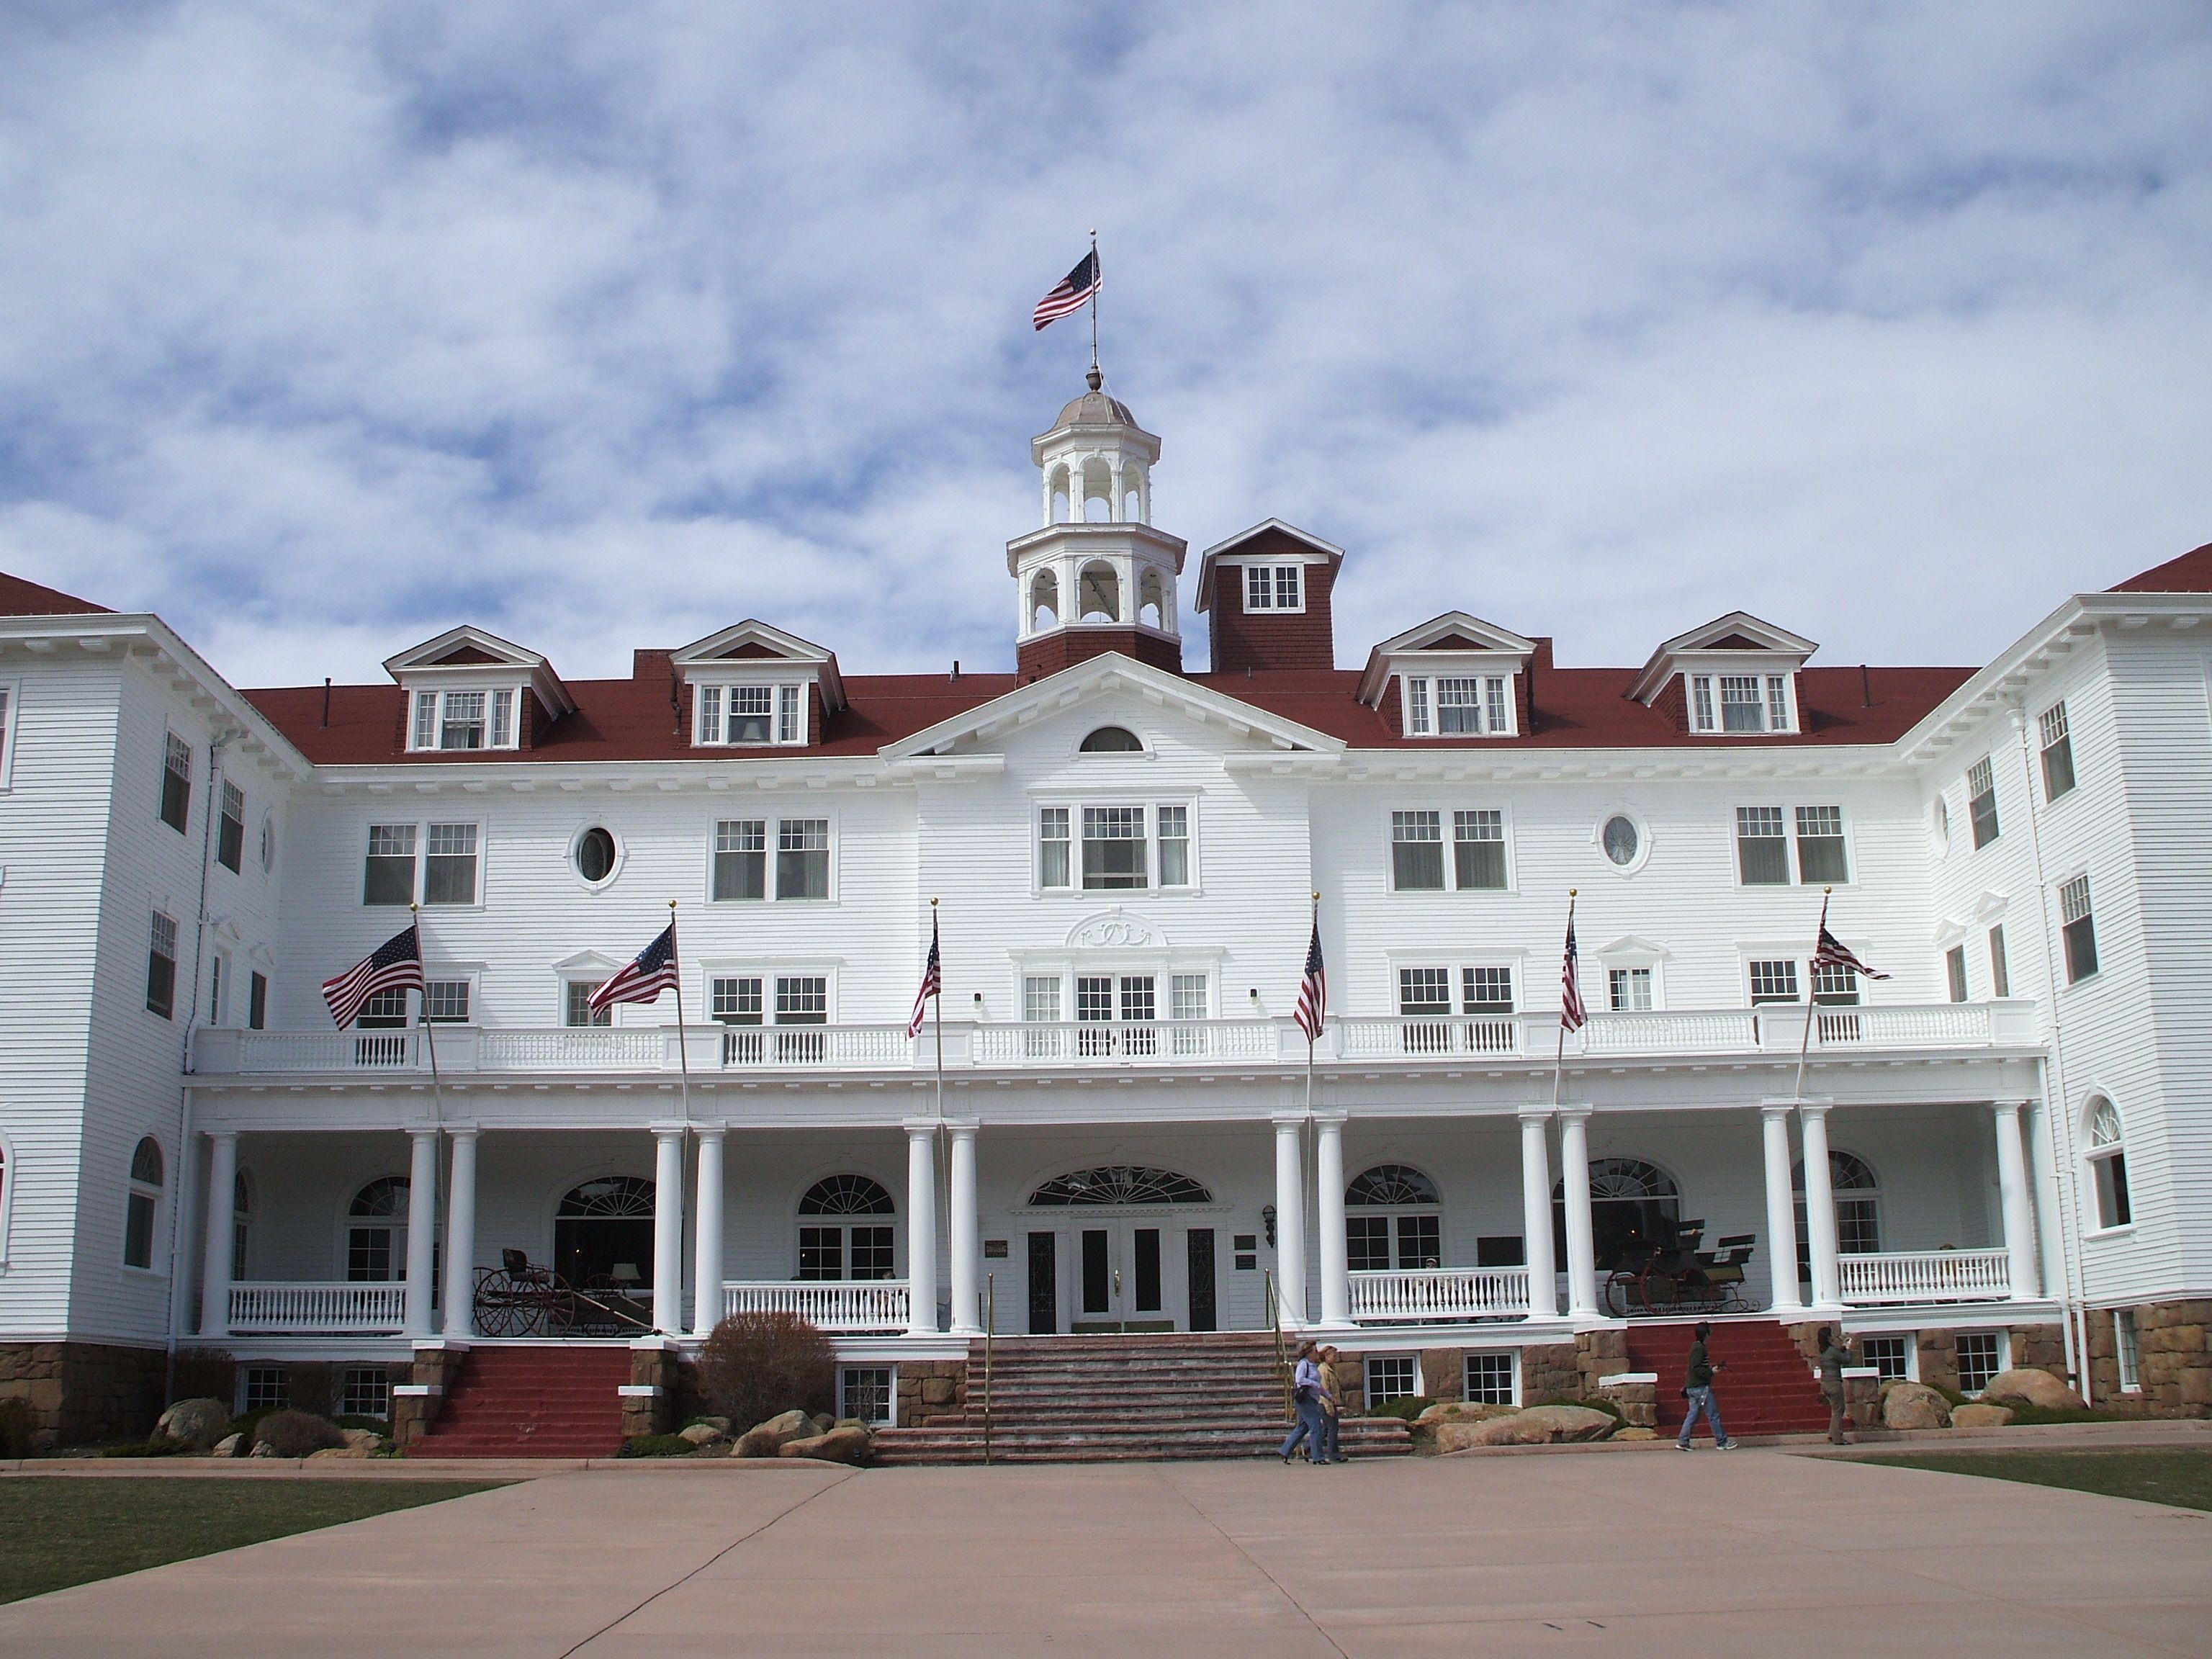 Stanley Hotel In Estes Park Colorado Photo Courtesy Of Rominator Waystocelebrate